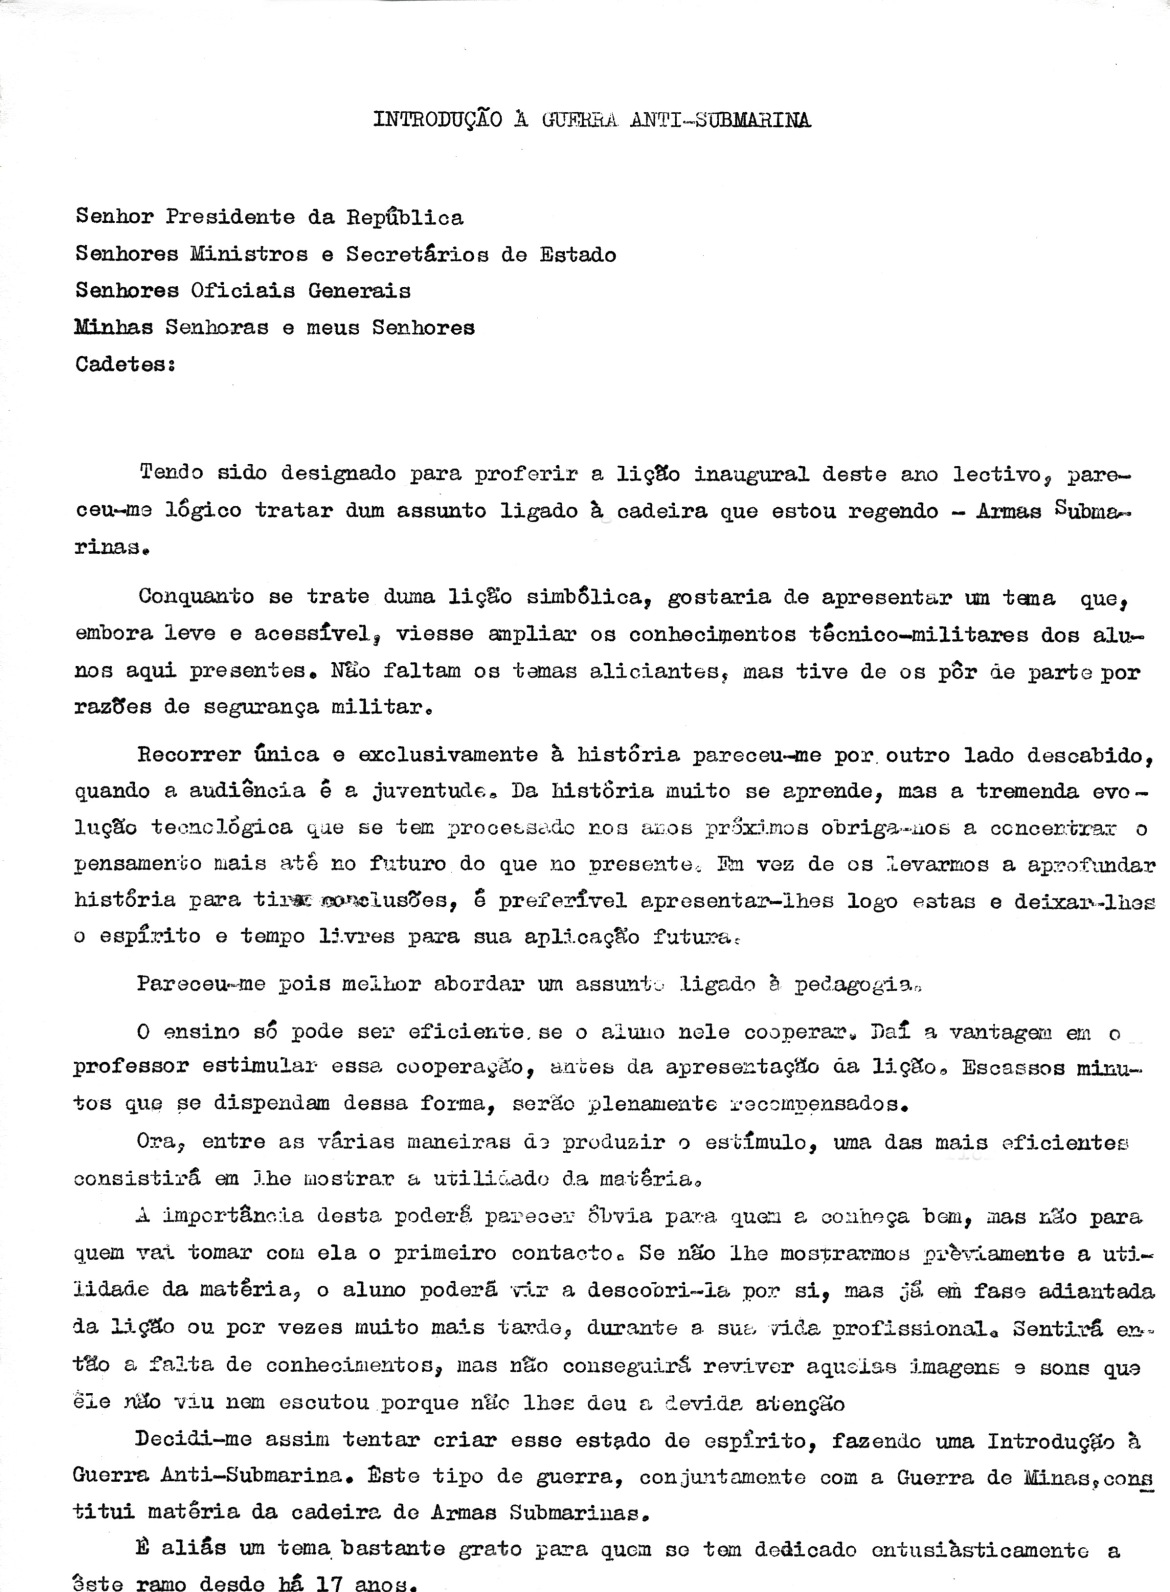 00454 965-11-09 Lição inaugural do ano lectivo da Escola Naval pelo Professor Cap-ten Nunes da Silva pág 1 de 7